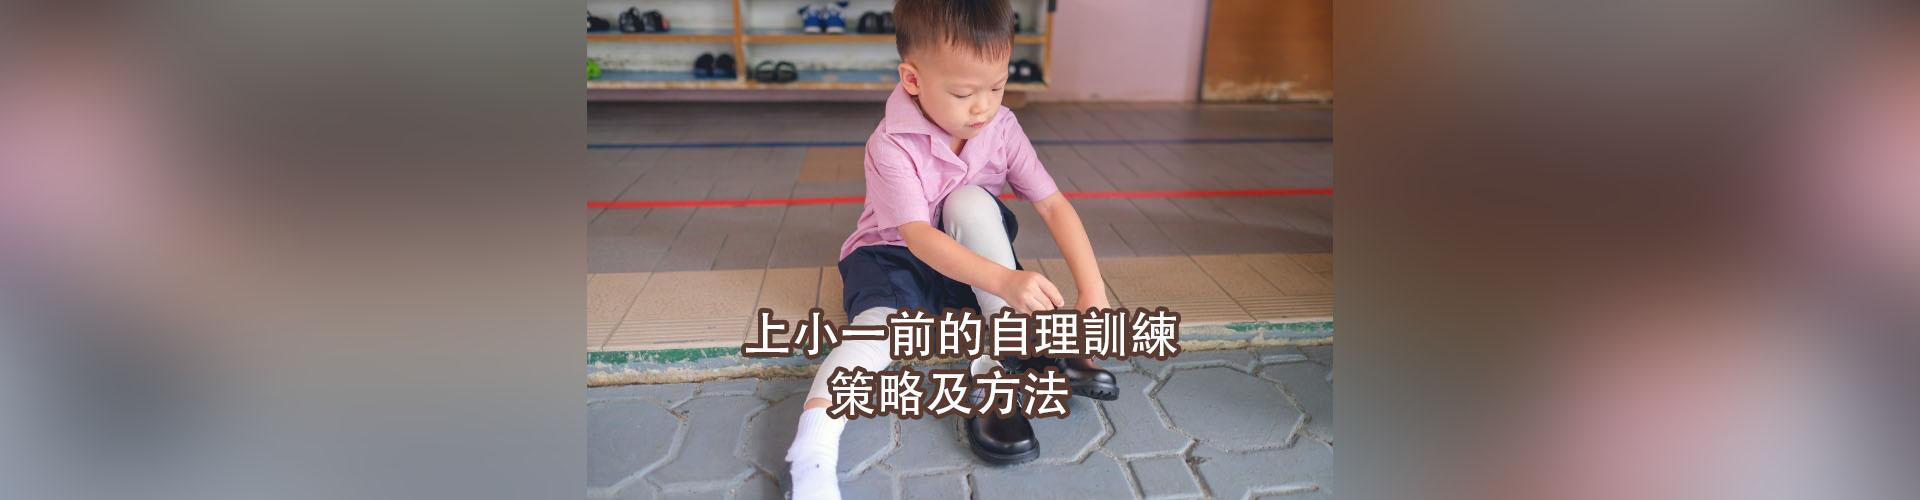 上小一前的自理訓練策略及方法